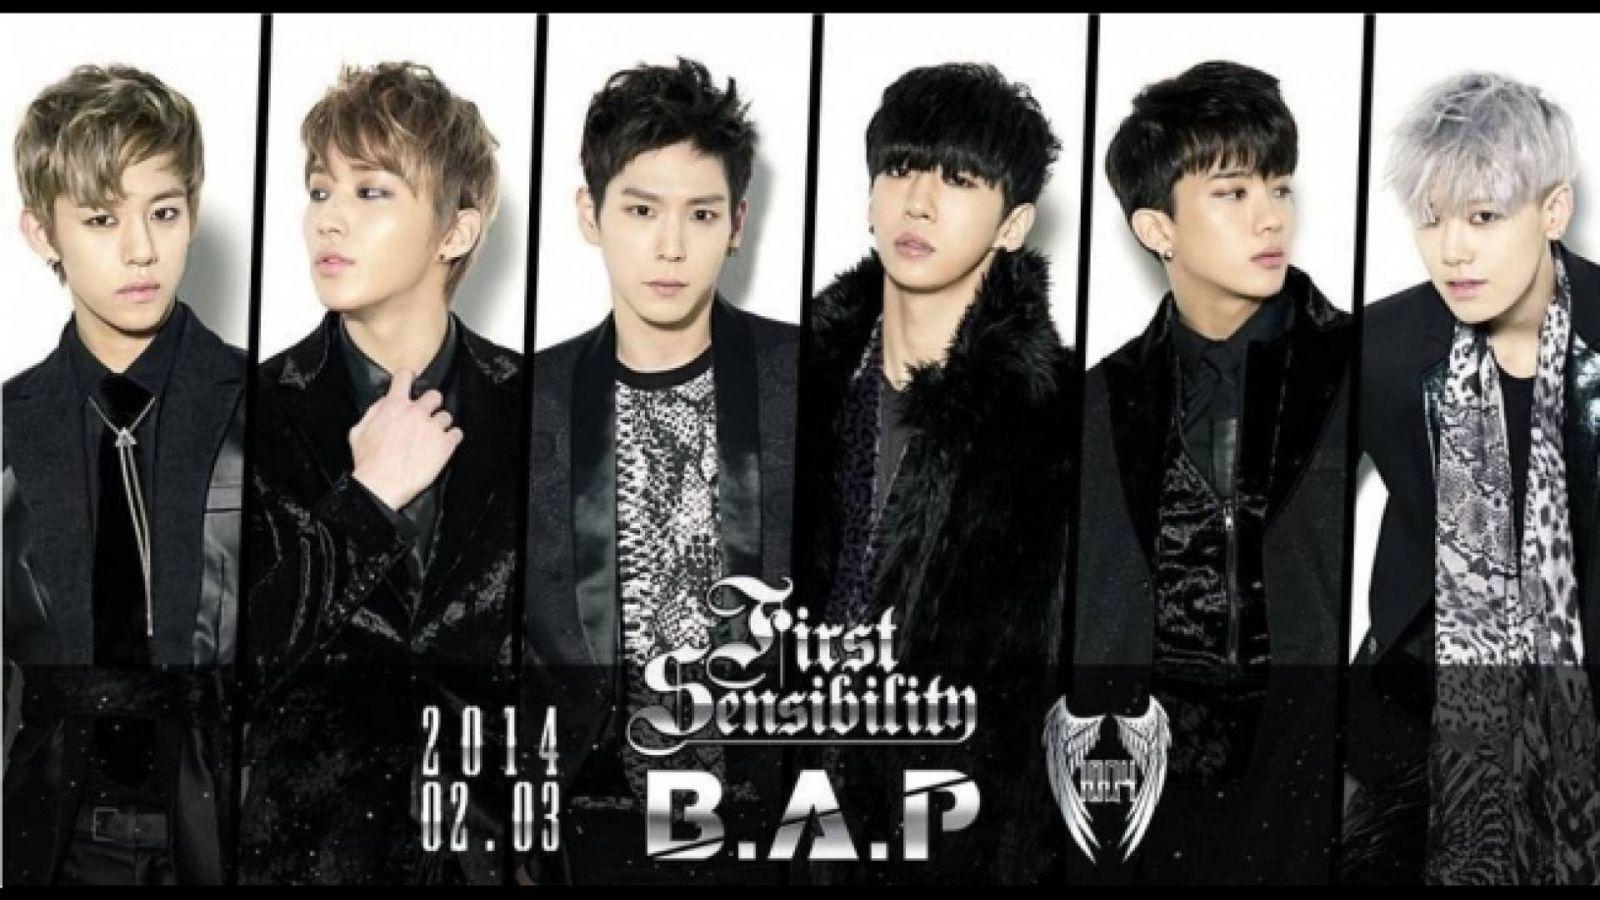 B.A.P:n ensimmäinen täyspitkä albumi ilmestyy helmikuussa © TS Entertainment